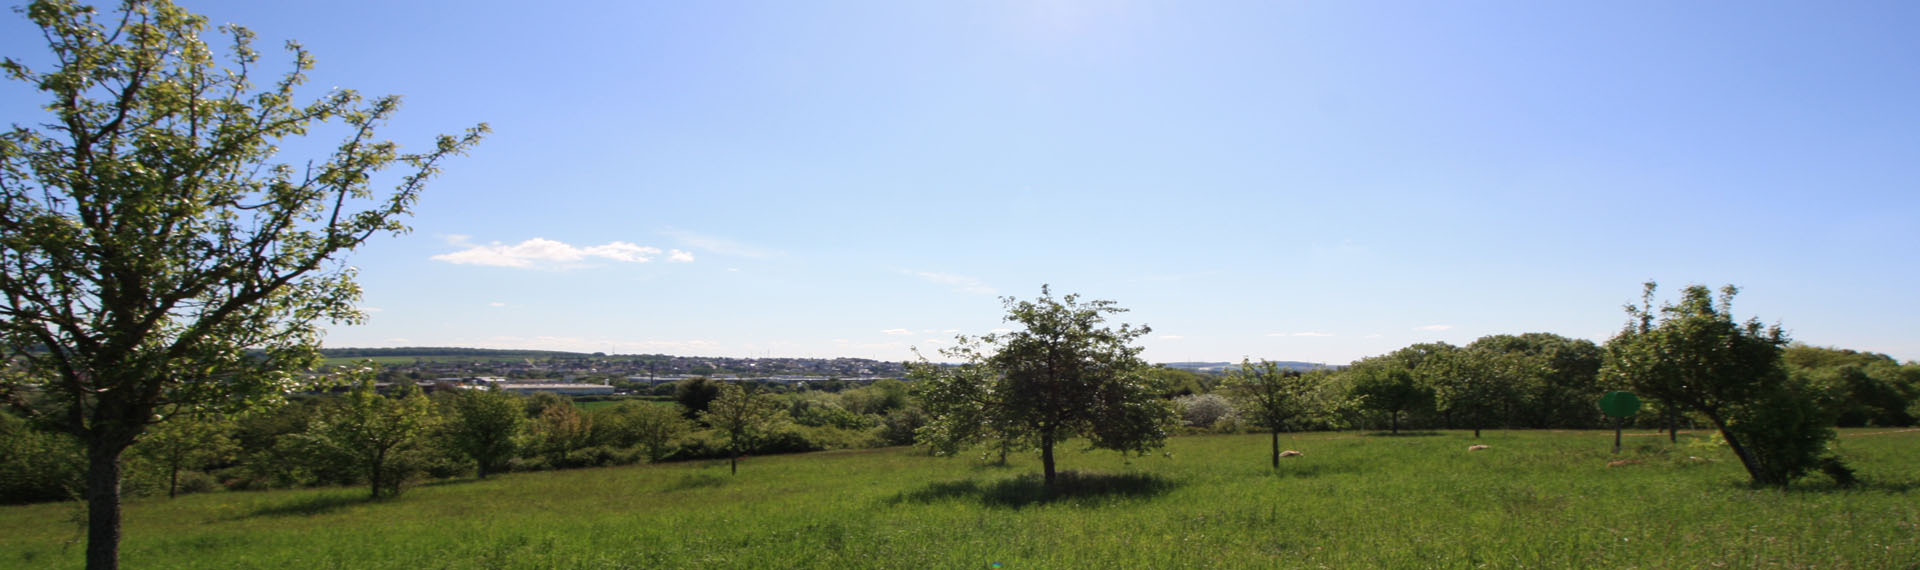 Naturschutzgebiet Pfingstweide